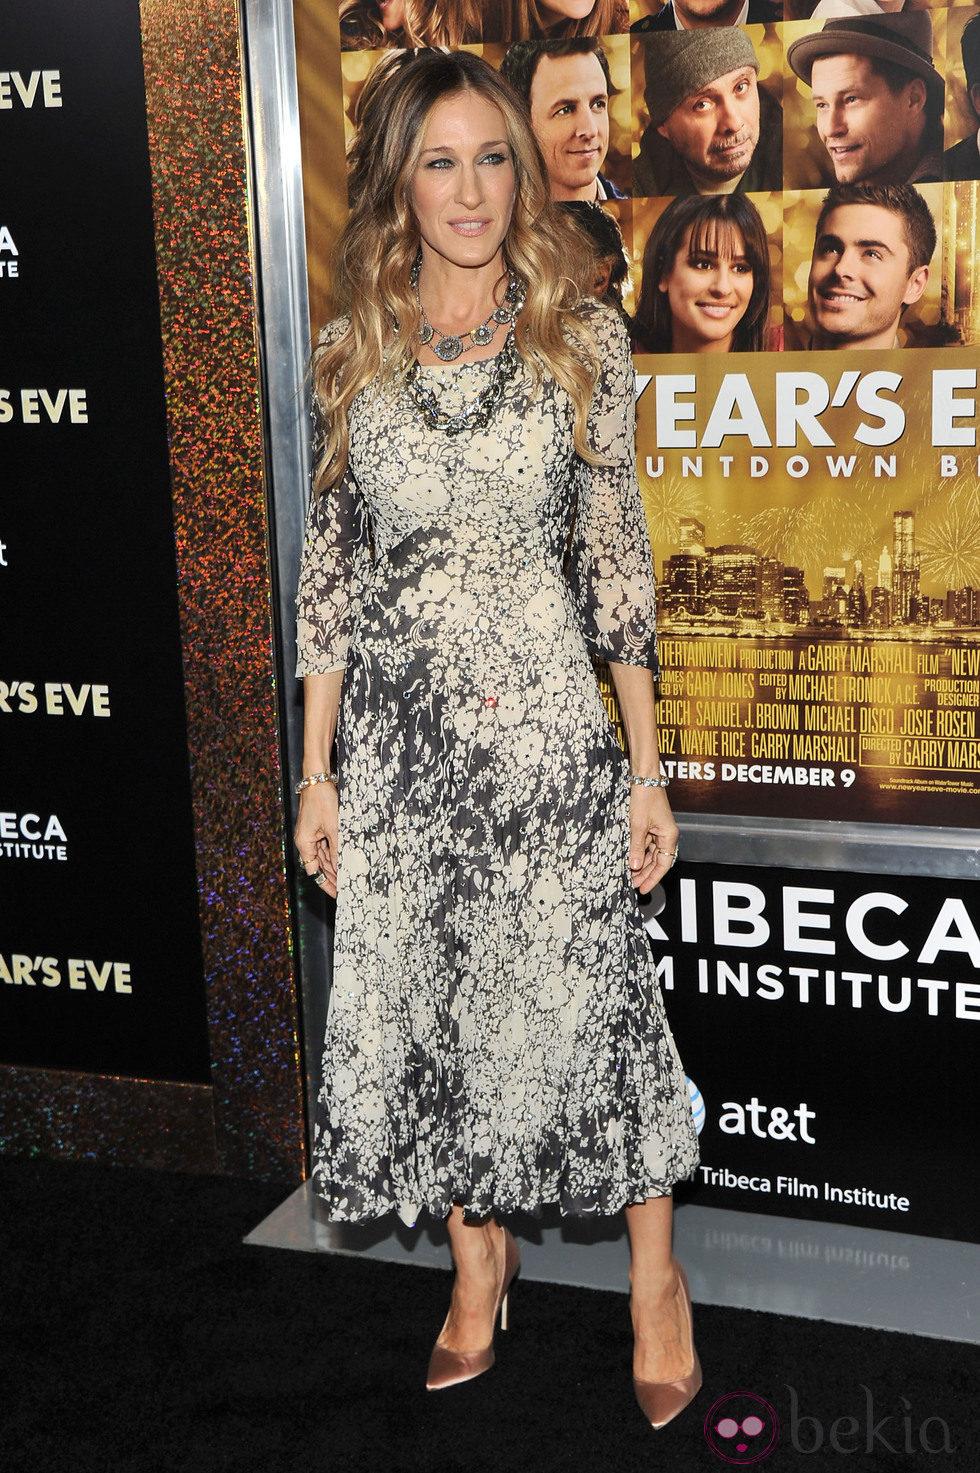 Sarah Jessica Parker en el estreno de 'New Year's Eve' en Nueva York